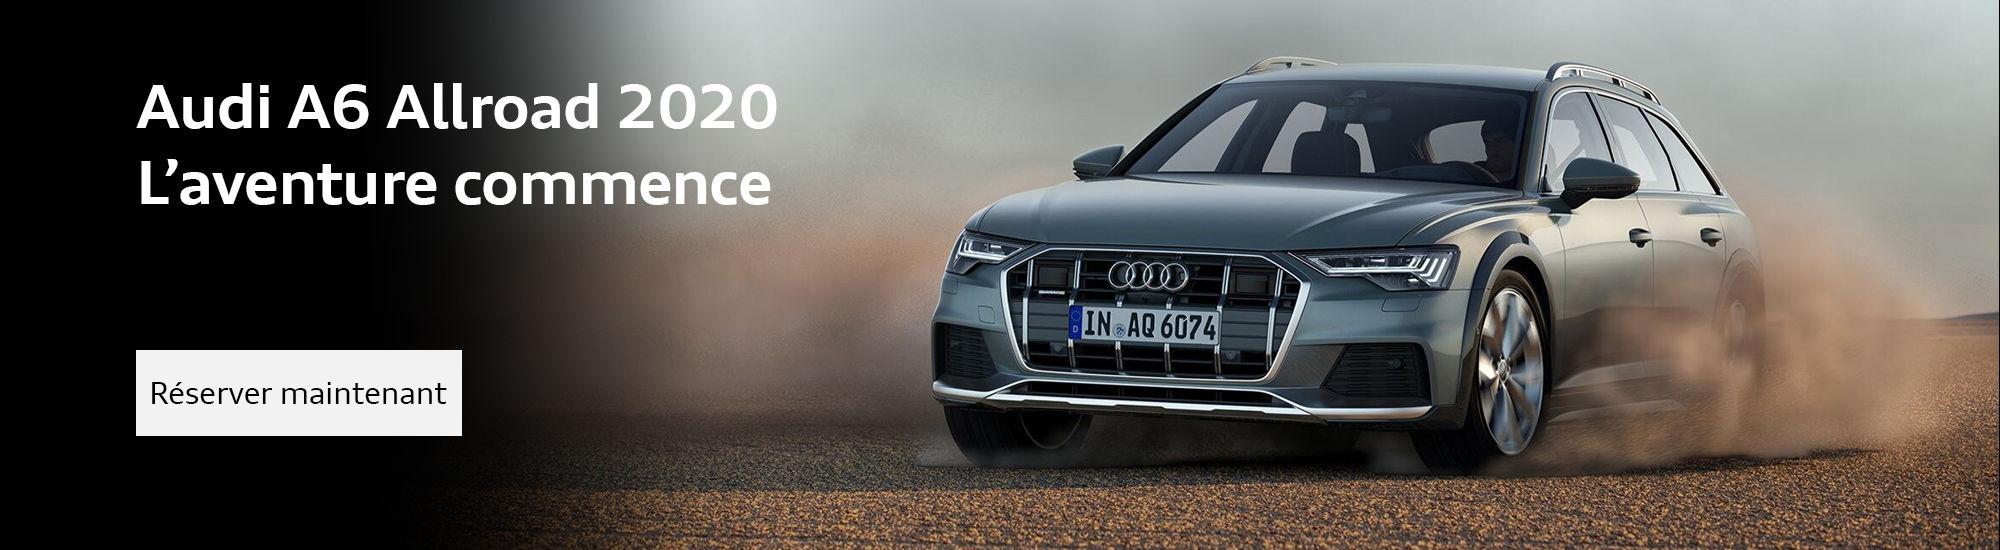 La toute nouvelle Audi A6 Allroad 2020 (Copie)